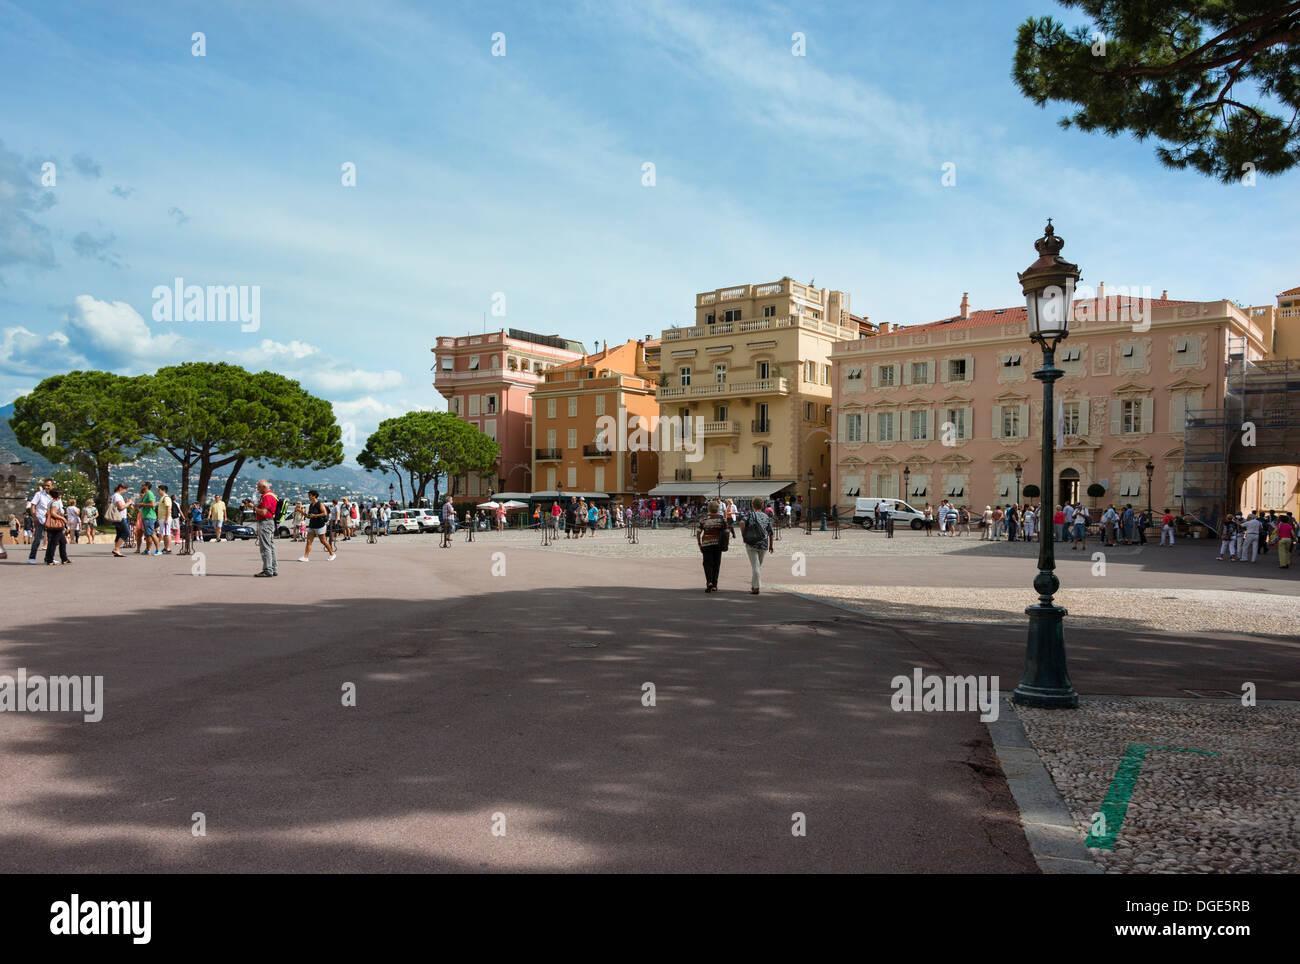 Place du Palais Monaco - Stock Image